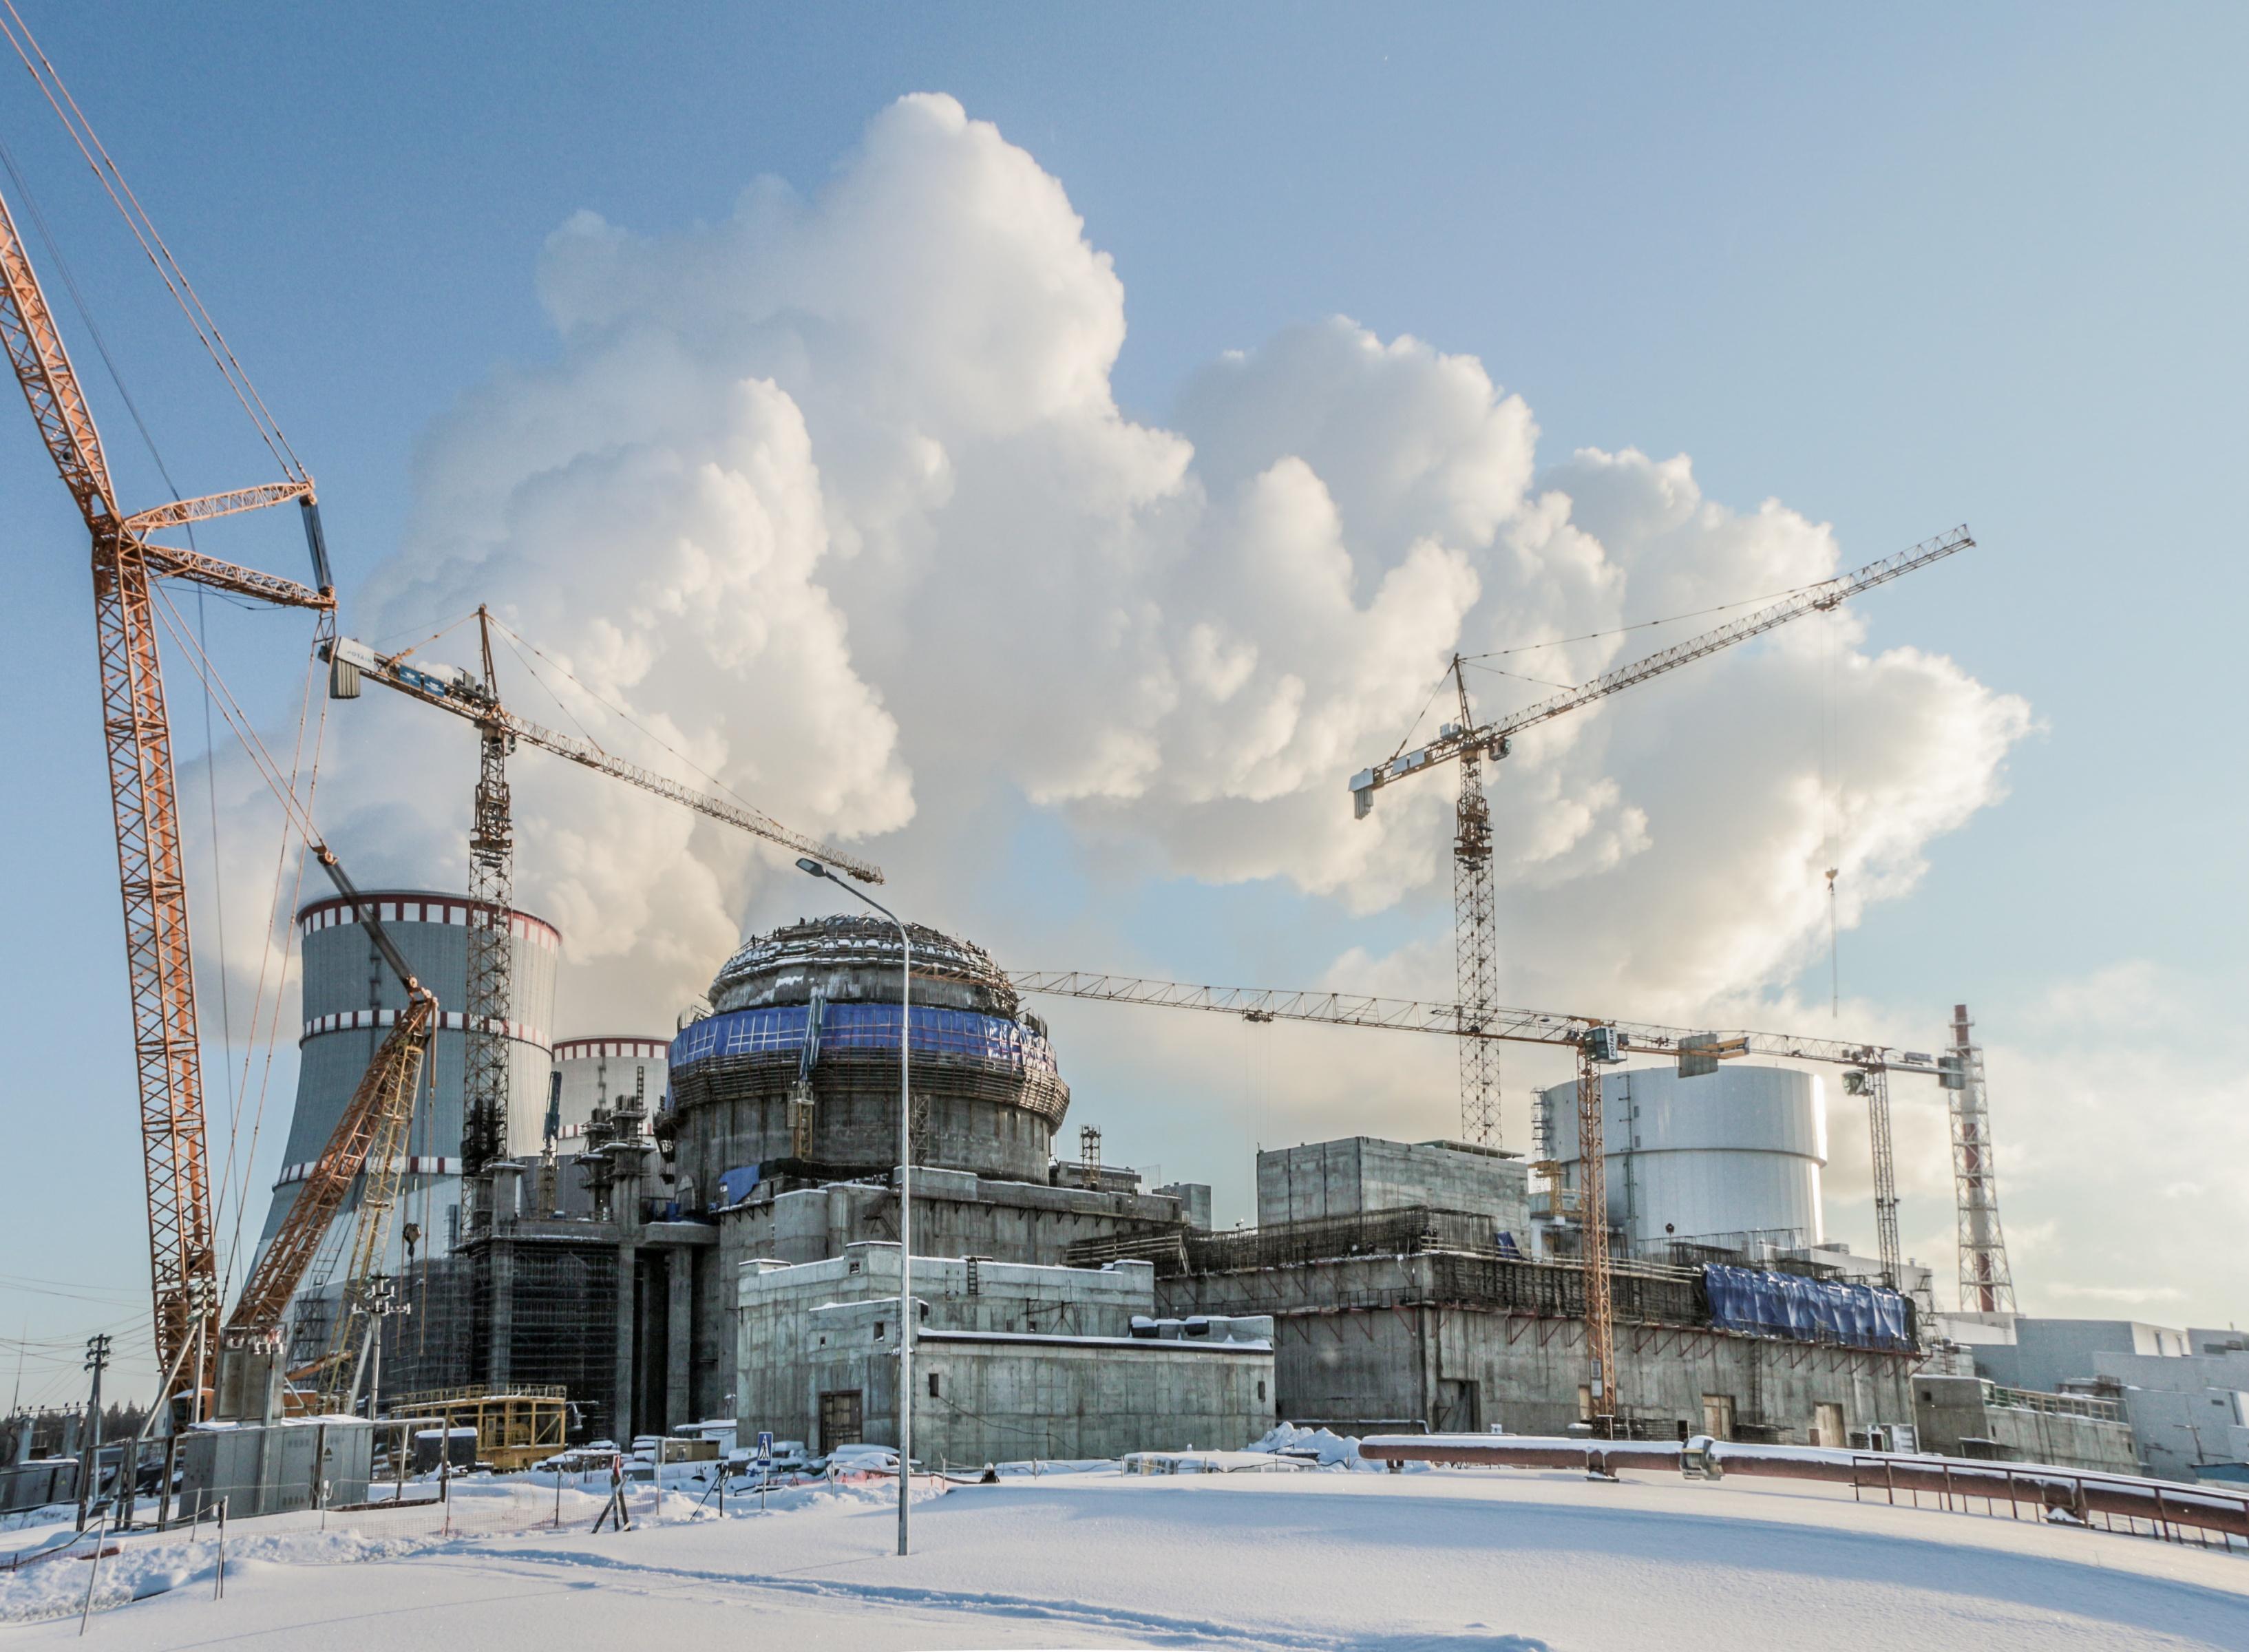 Reaktor VVER-1200 Leningradské JE již vyrobil přes 5 TWh elektřiny